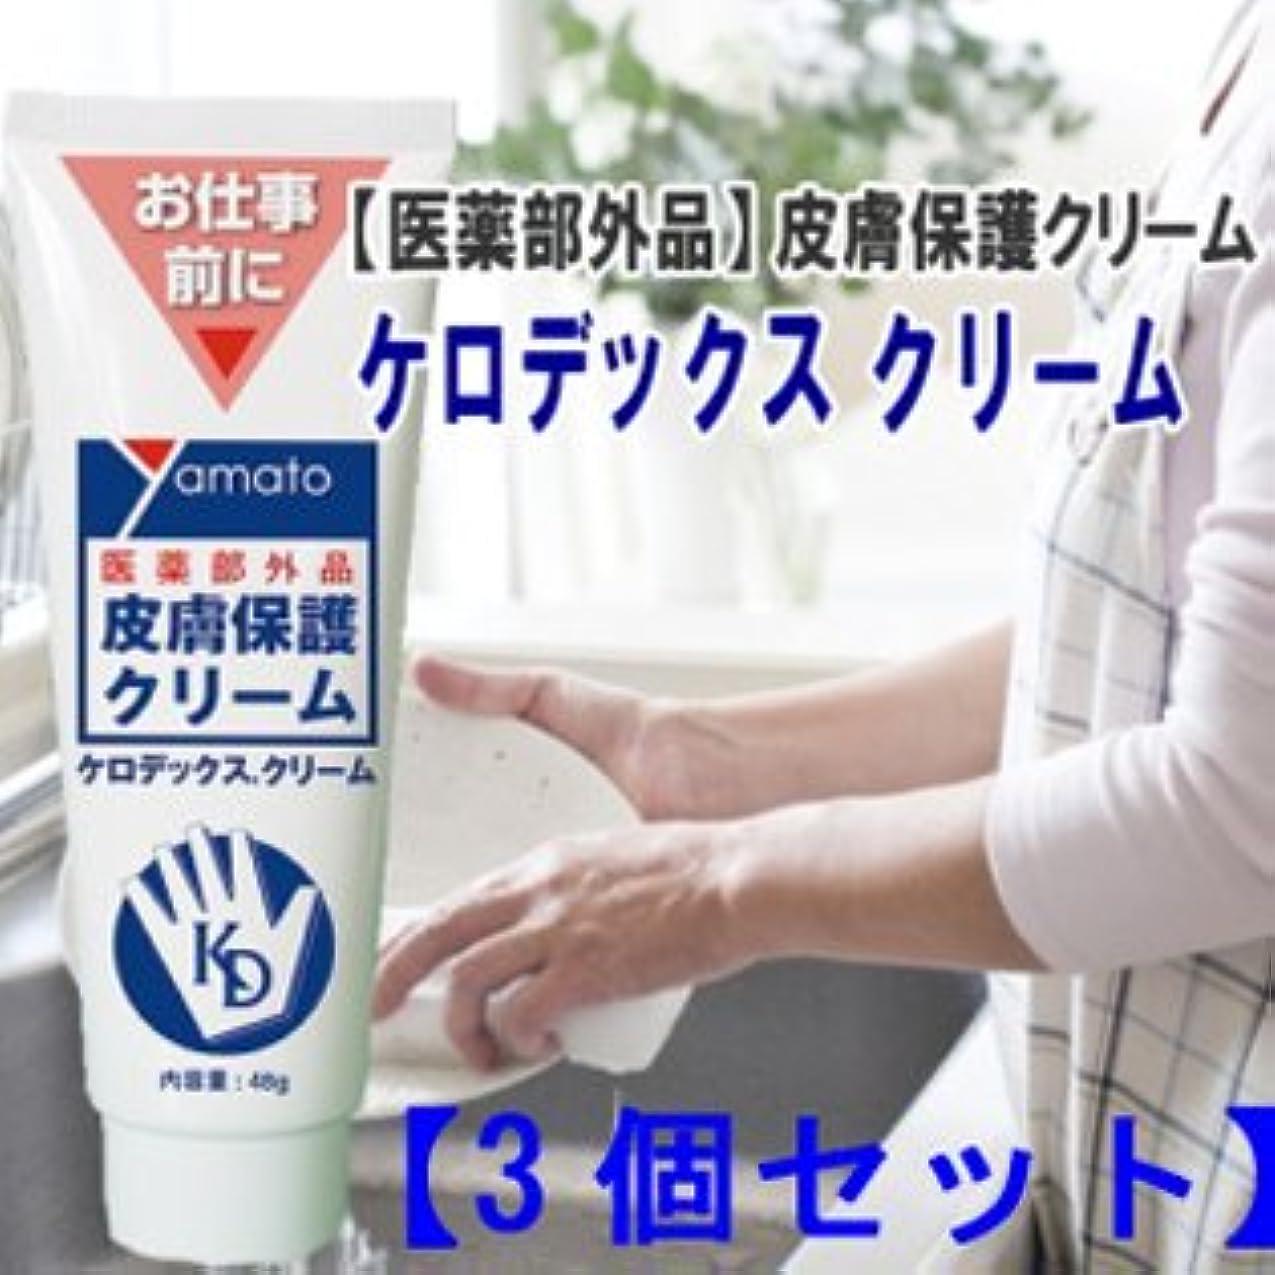 露出度の高い毎週出席医薬部外品 皮膚保護クリーム ケロデックスクリーム48g 3個セット